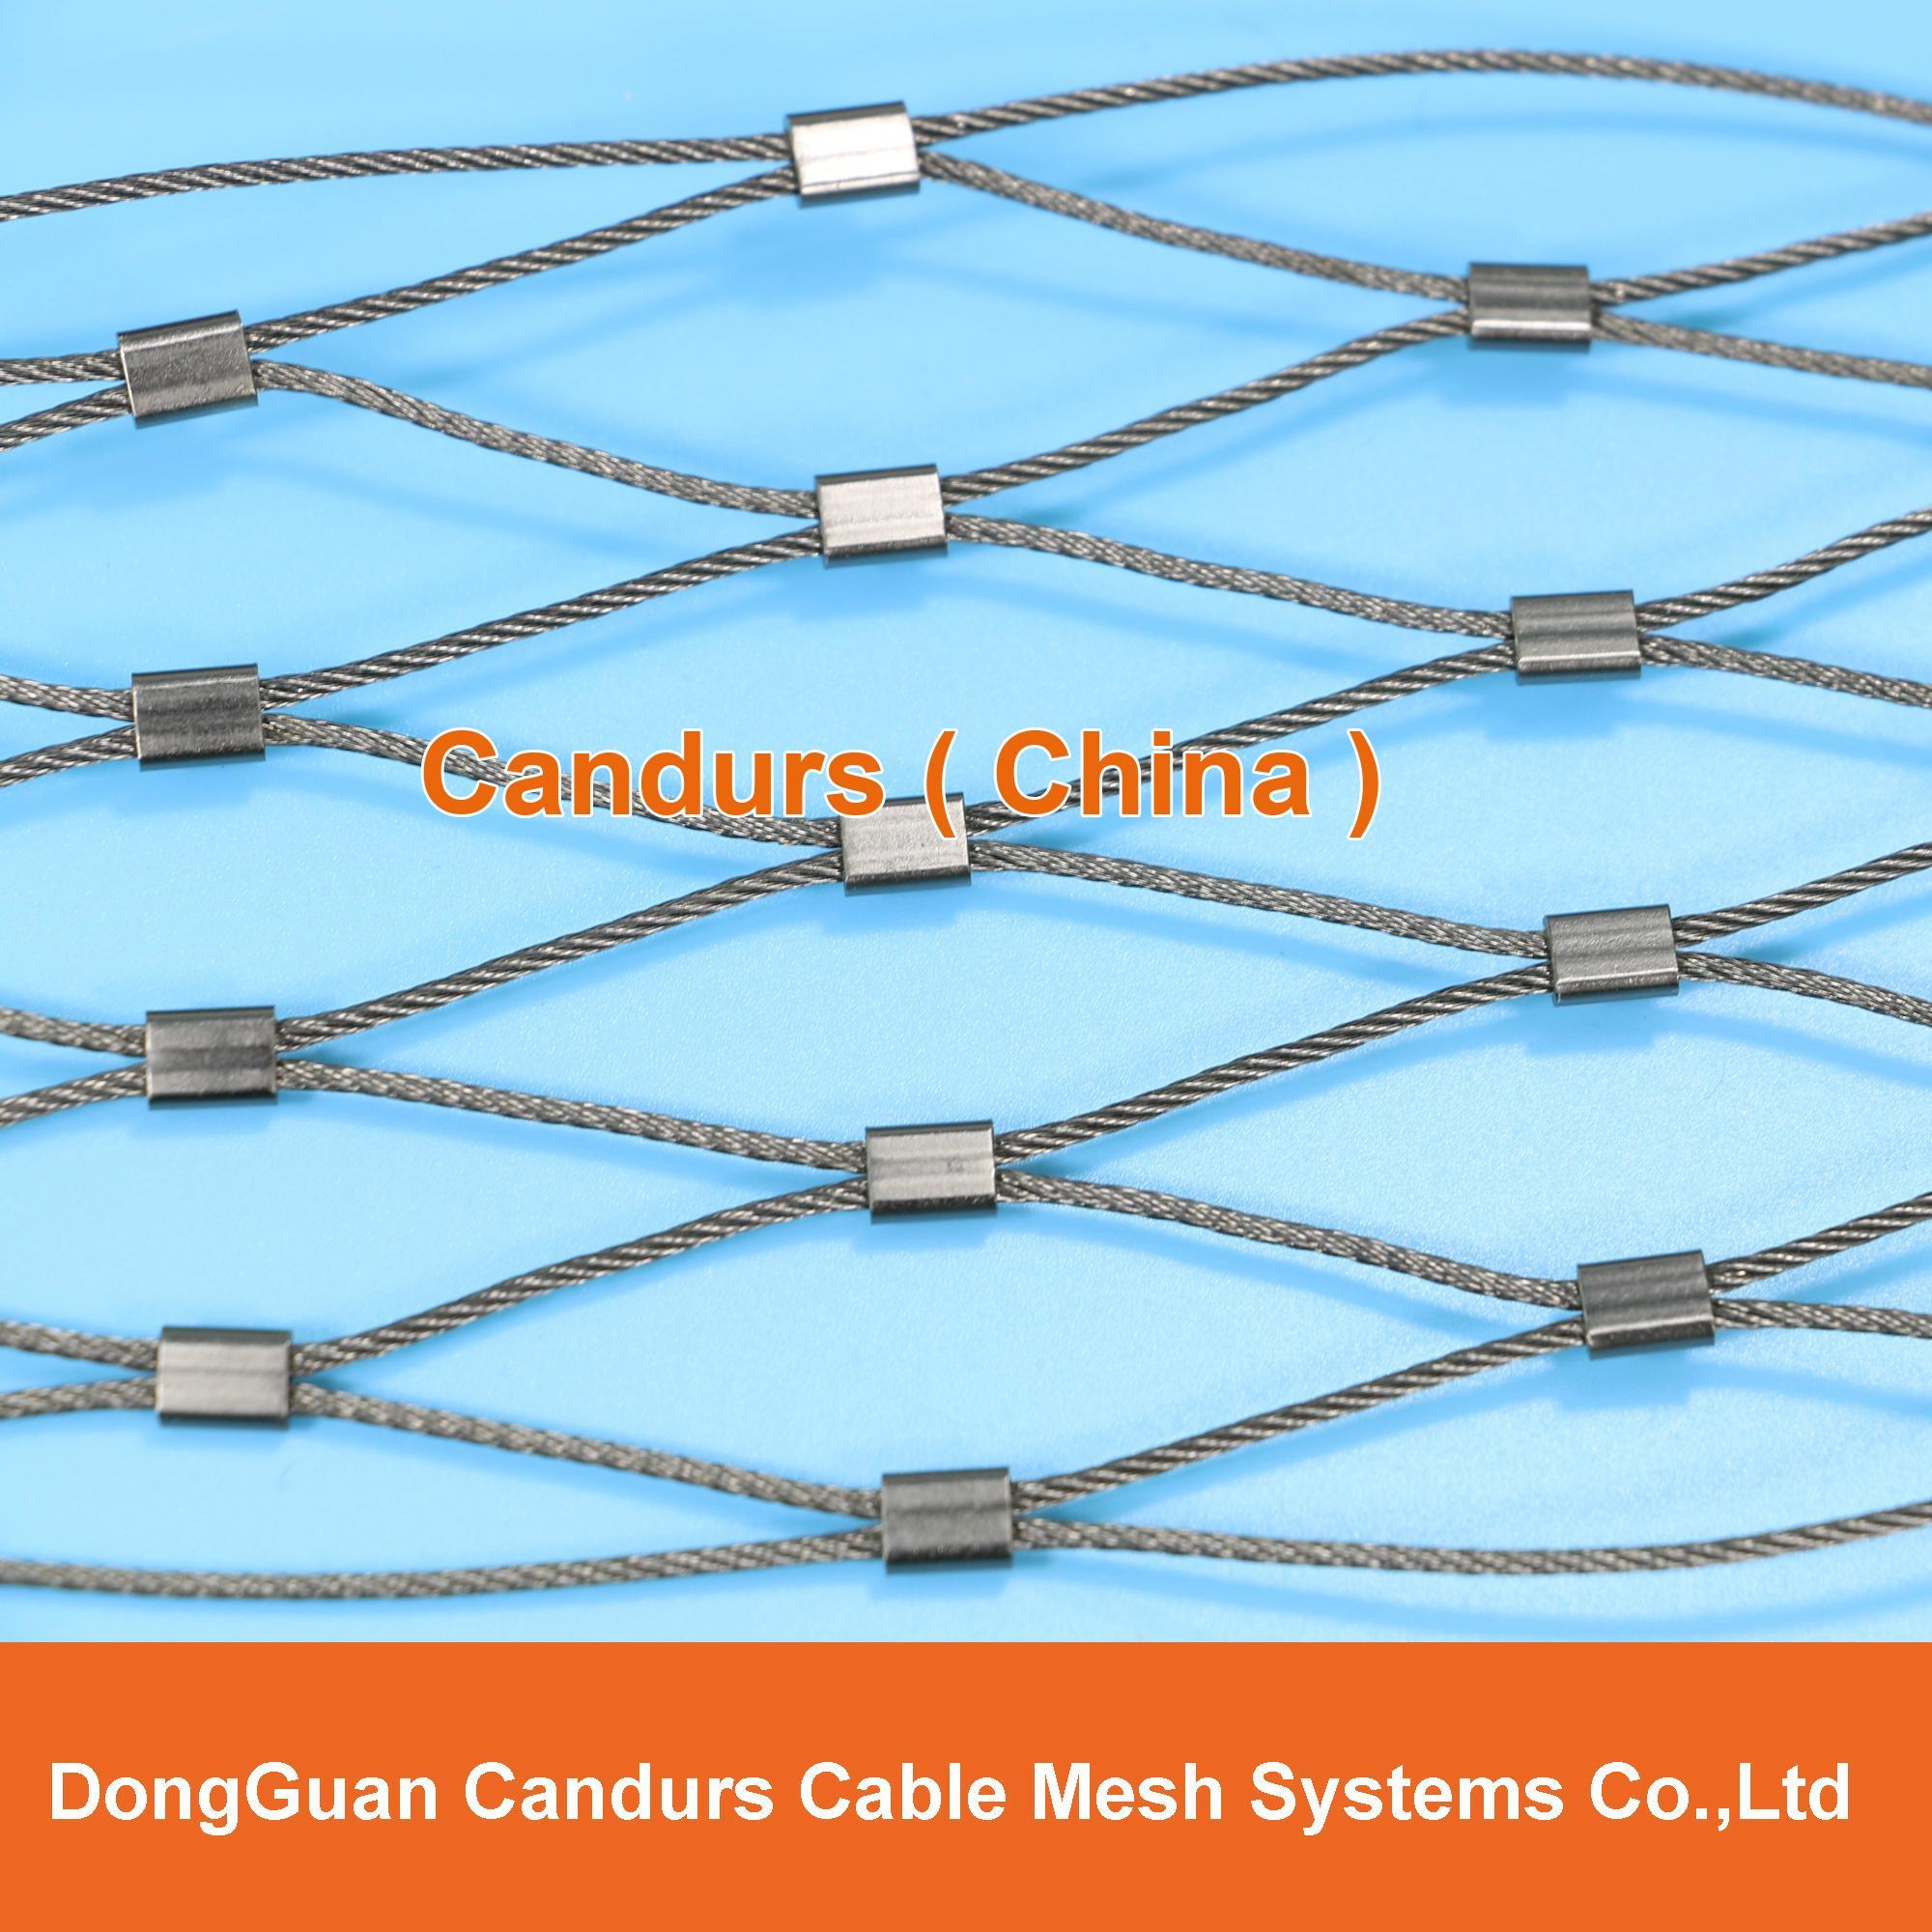 不鏽鋼絲繩老虎圍欄網 16